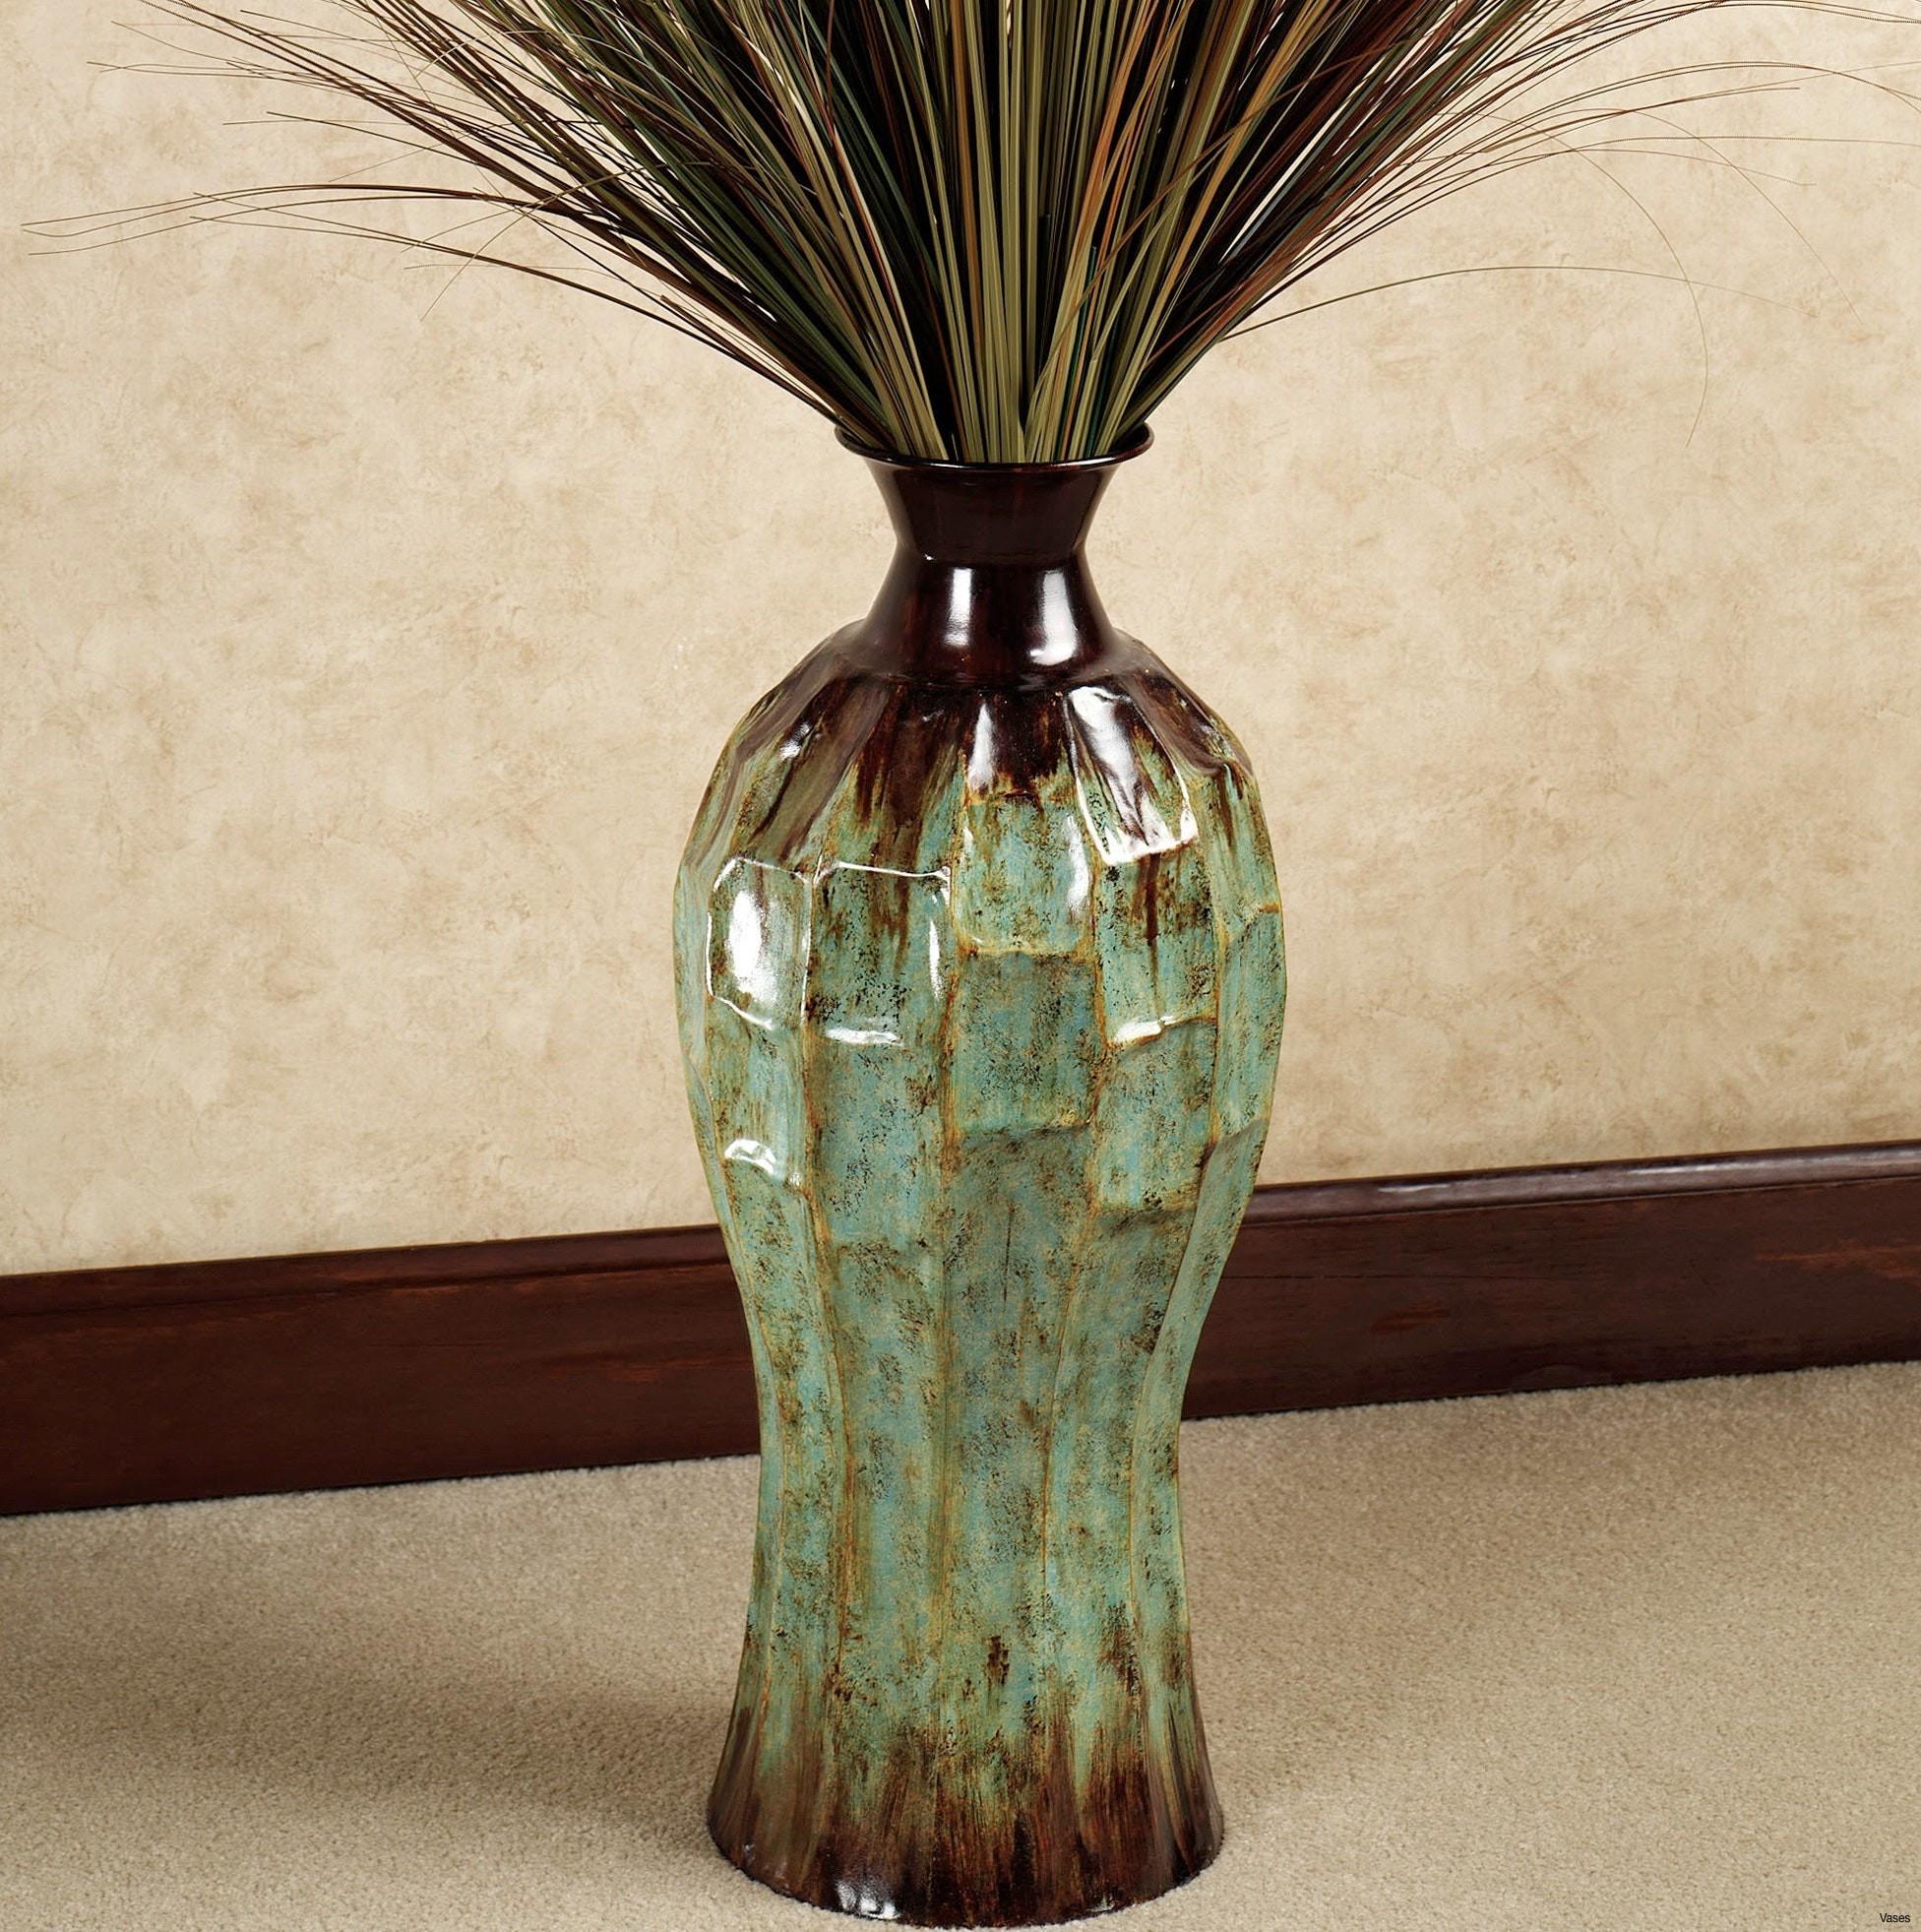 decorative sticks for tall vases of decorating ideas for tall vases fresh floor vase filler ideas for decorating ideas for tall vases fresh floor vase filler ideas decorationh vases tall decorating i 8d